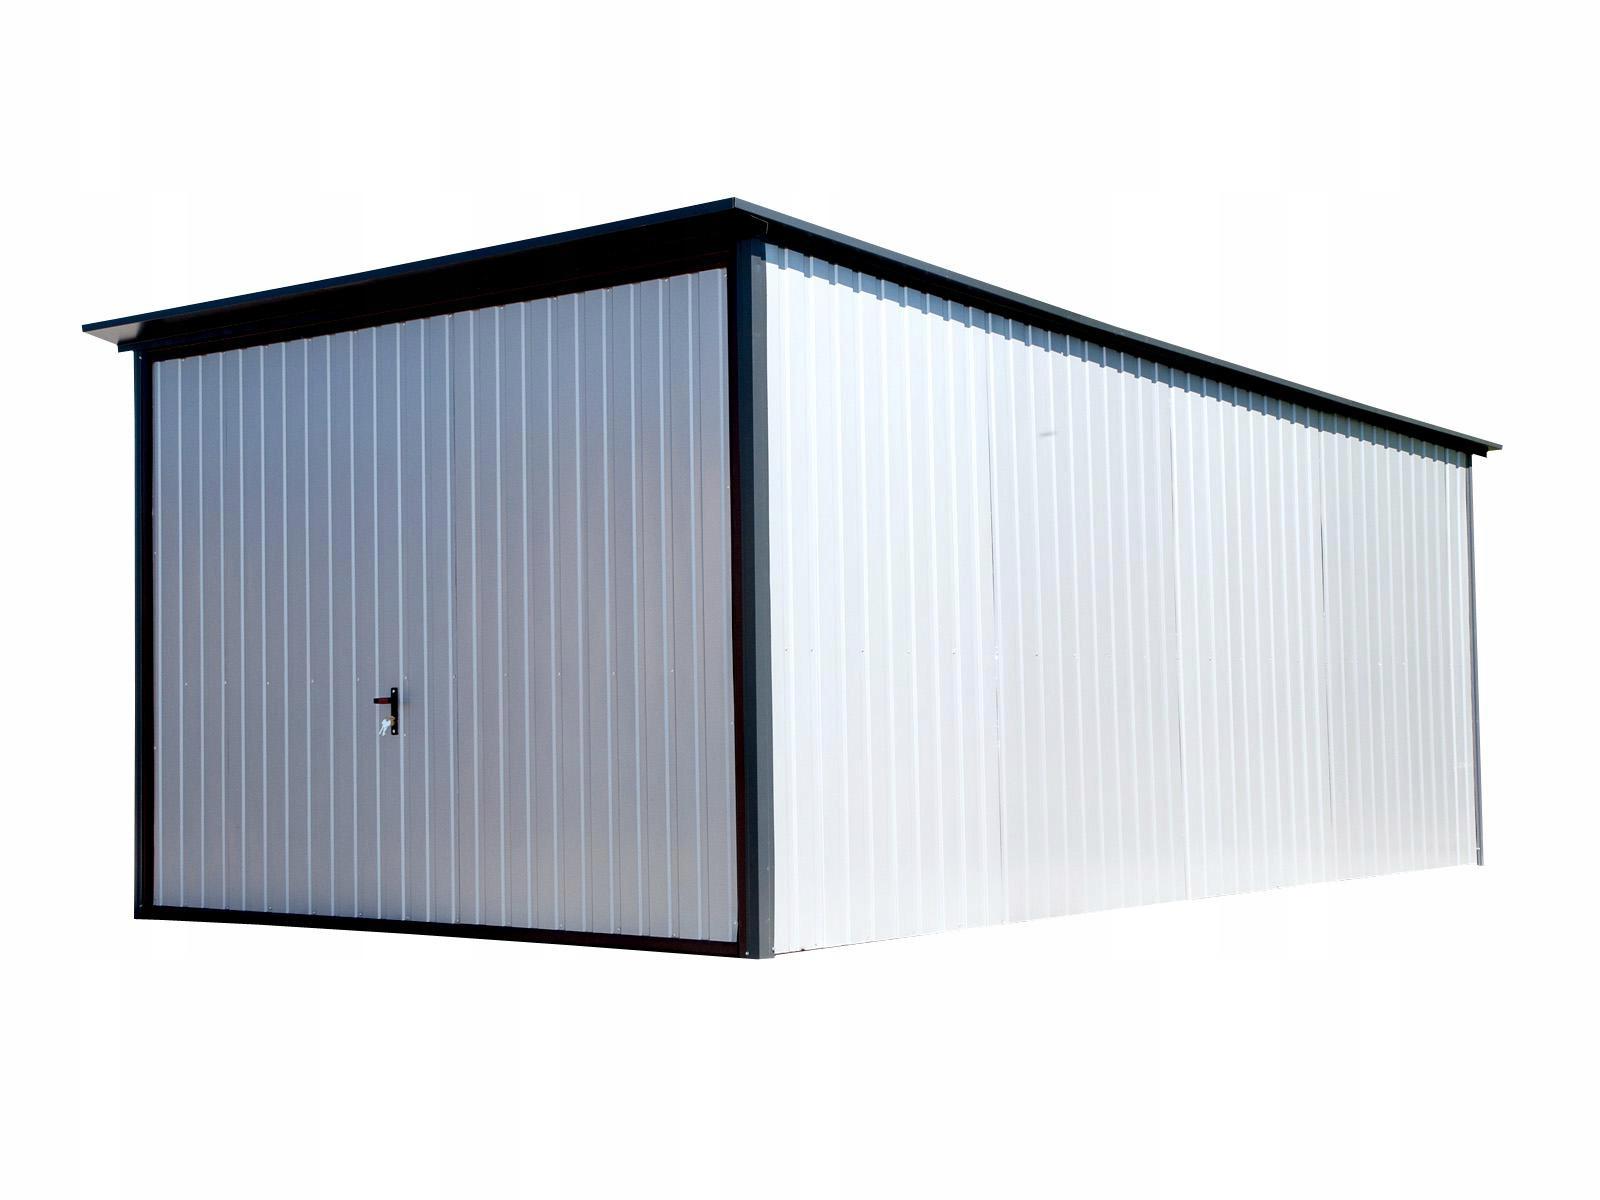 Garaż Blaszany 3x5 Premium Z Bramą Uchylną 7441979429 Oficjalne